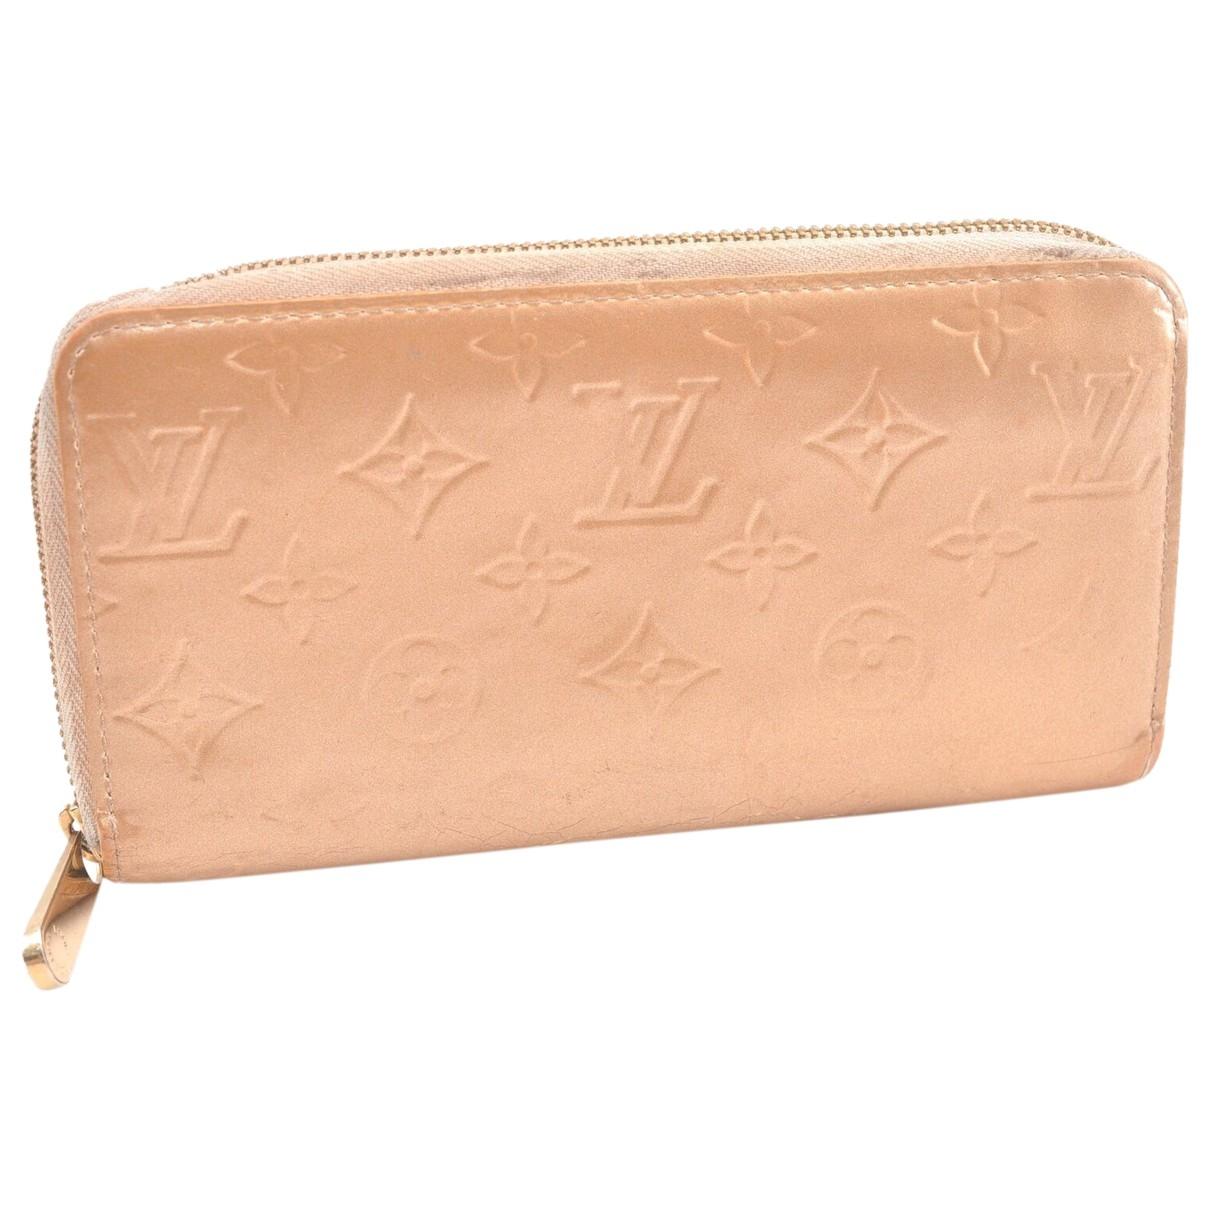 Louis Vuitton Zippy Portemonnaie in  Gold Lackleder